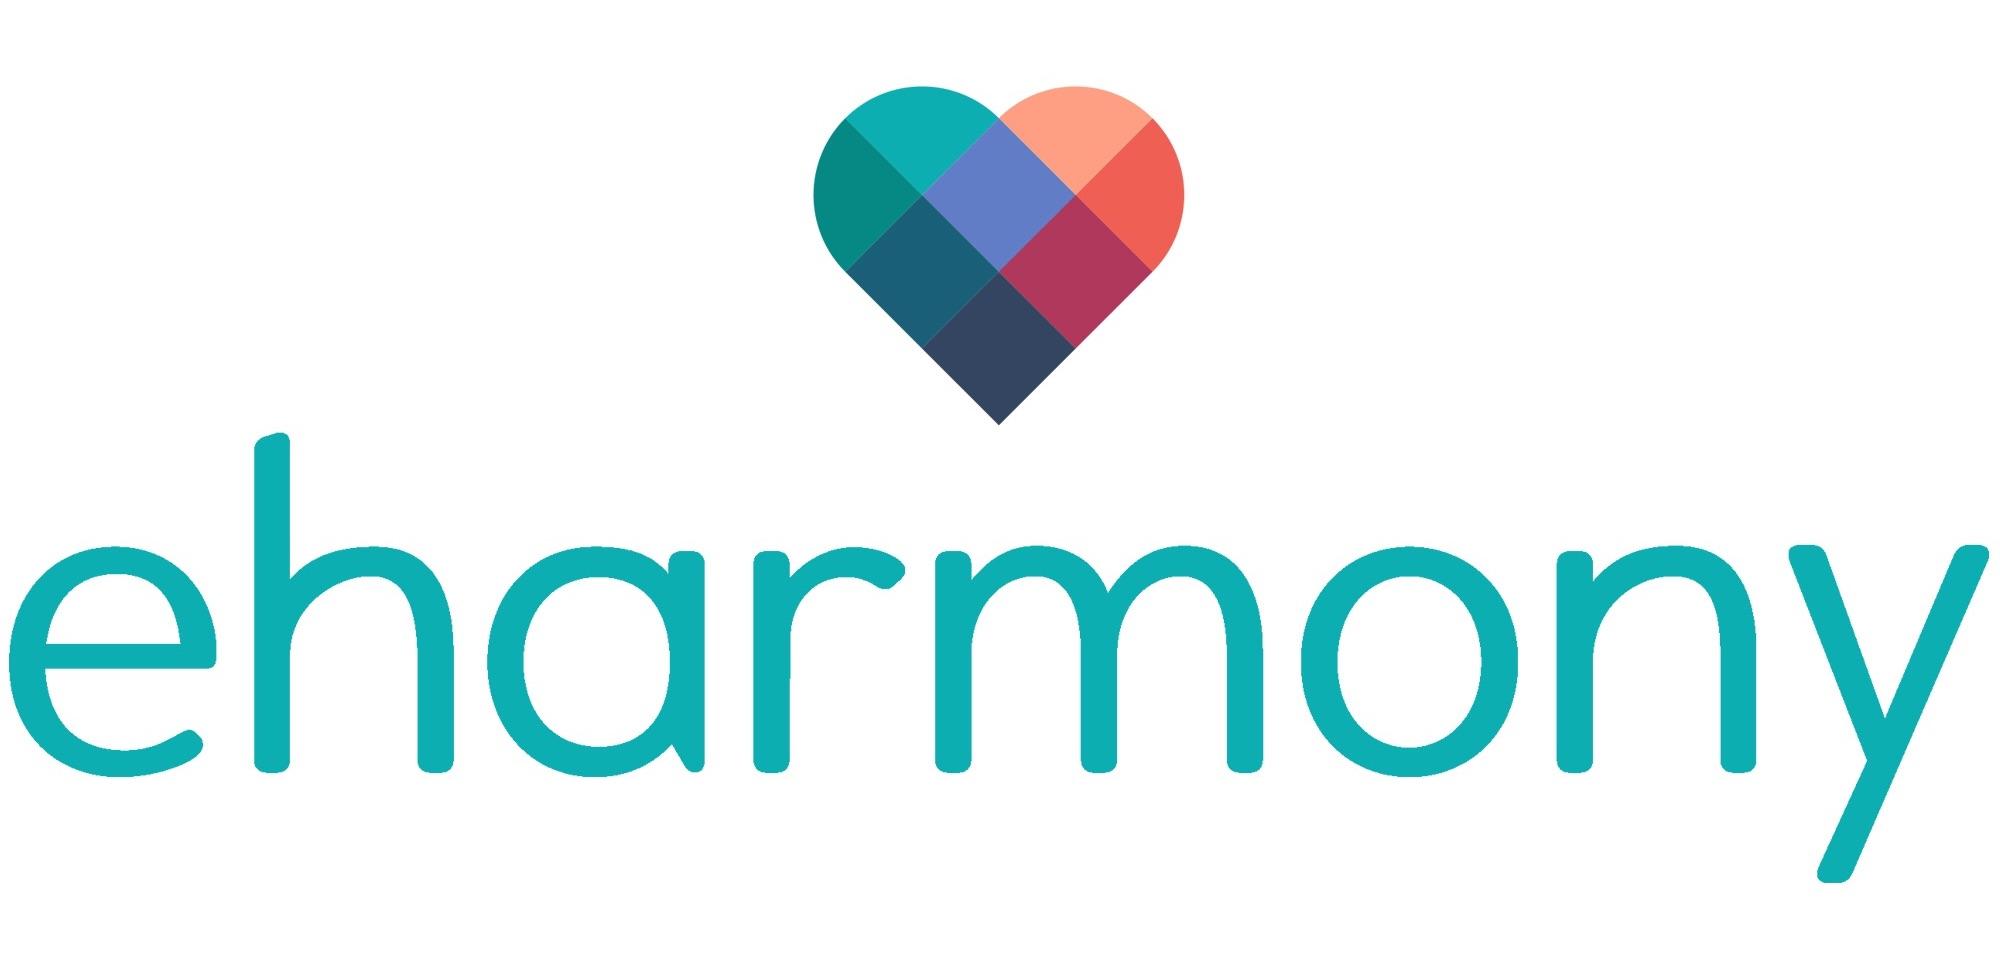 Rencontres en ligne match vs eHarmony